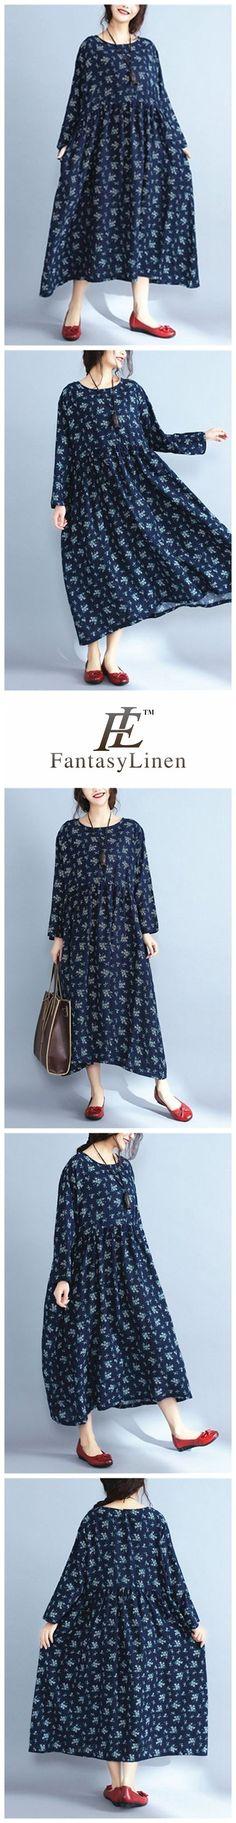 Floral Plus Size Vintage Loose Dress Women Clothes Q7842